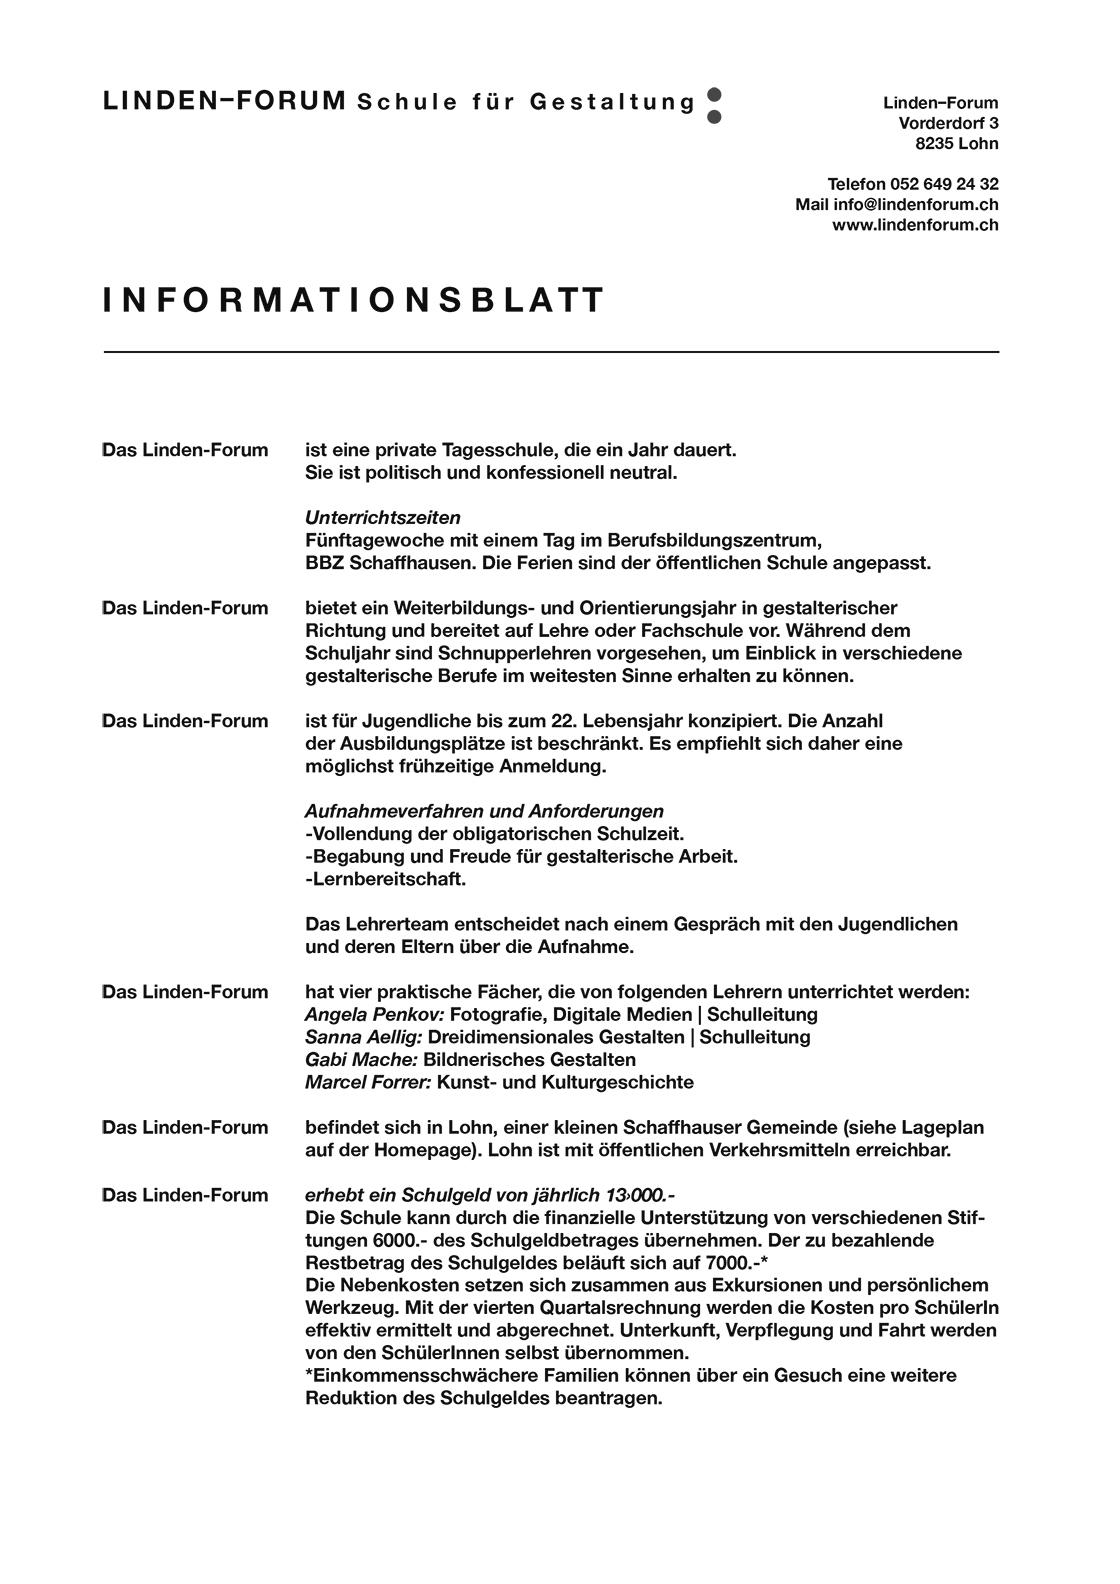 bild_infoblatt_18.jpg